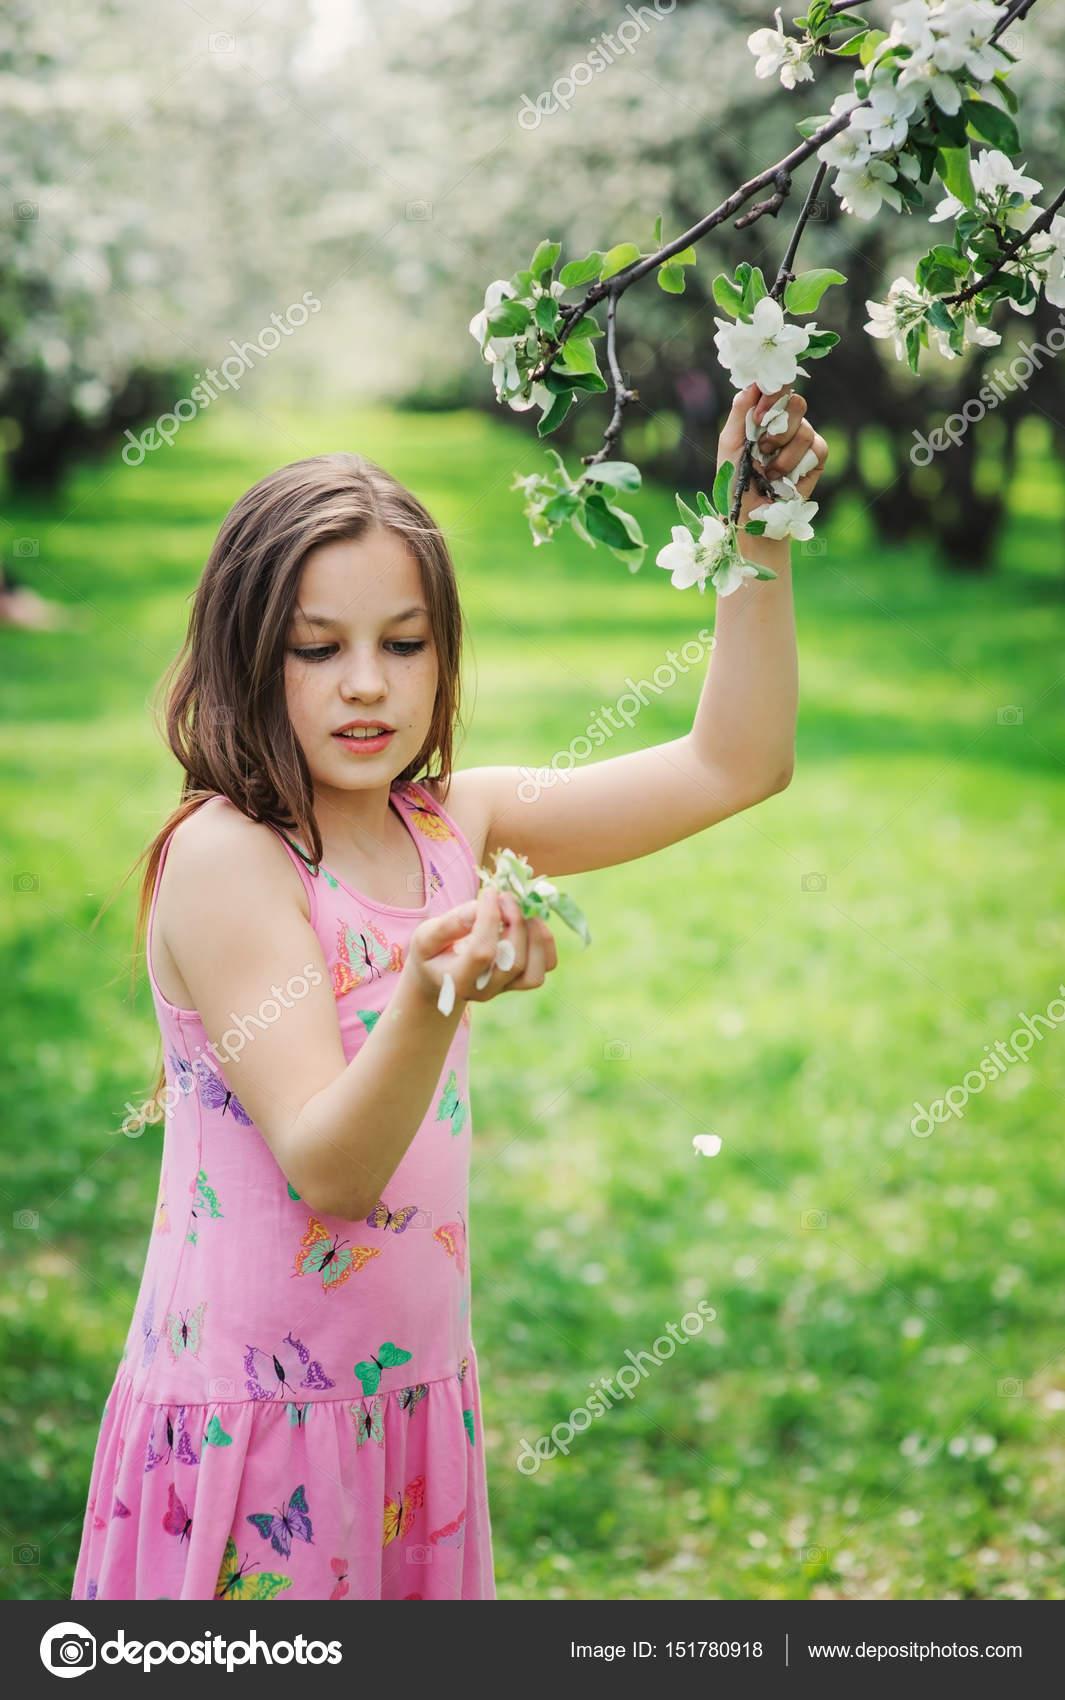 primavera closeup al aire libre retrato de 11 años adorable niño ...